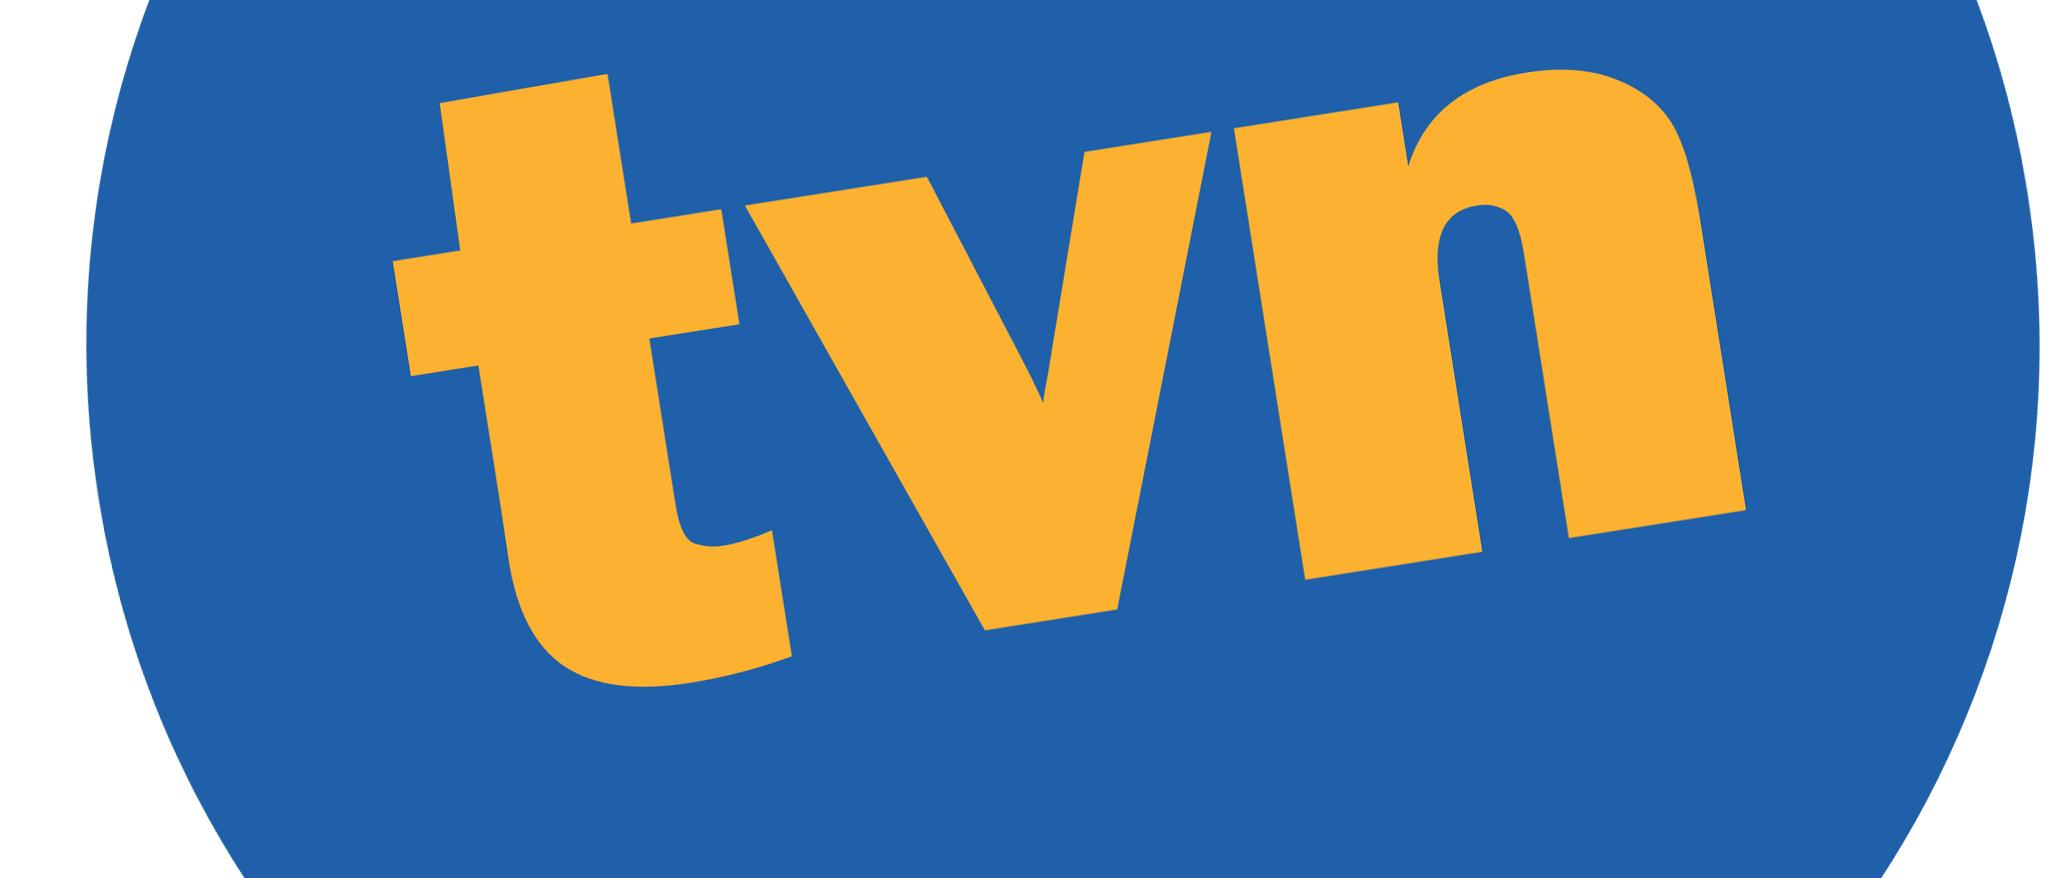 TVN ma plan – jeszcze więcej marnych jakościowo treści. Teraz również w Internecie